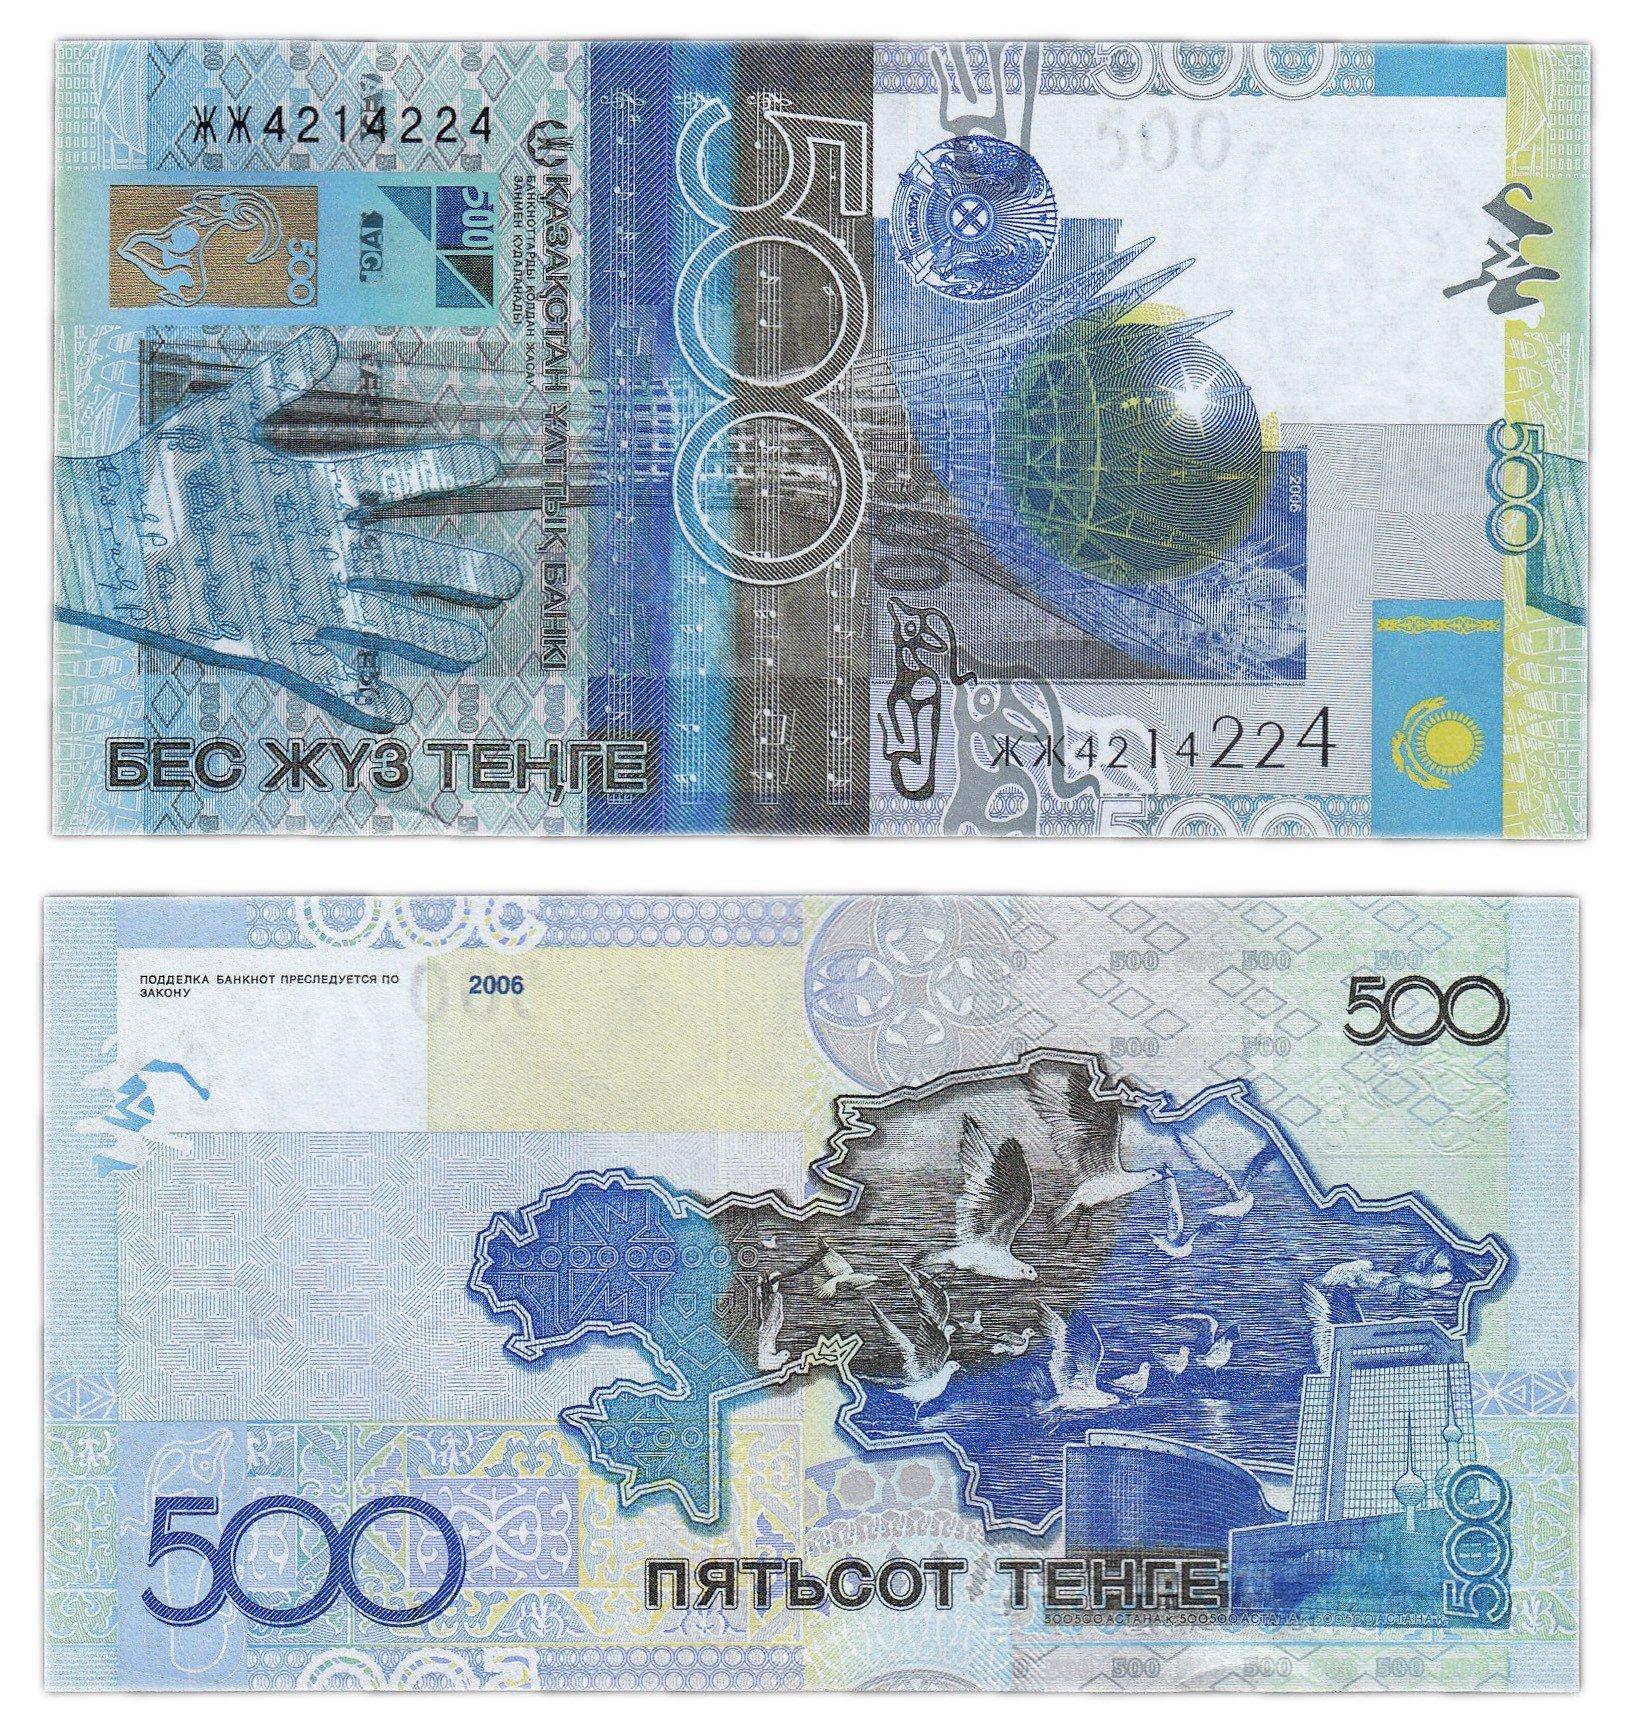 1980 рублей в тенге plewkiewicz w warszawie википедия